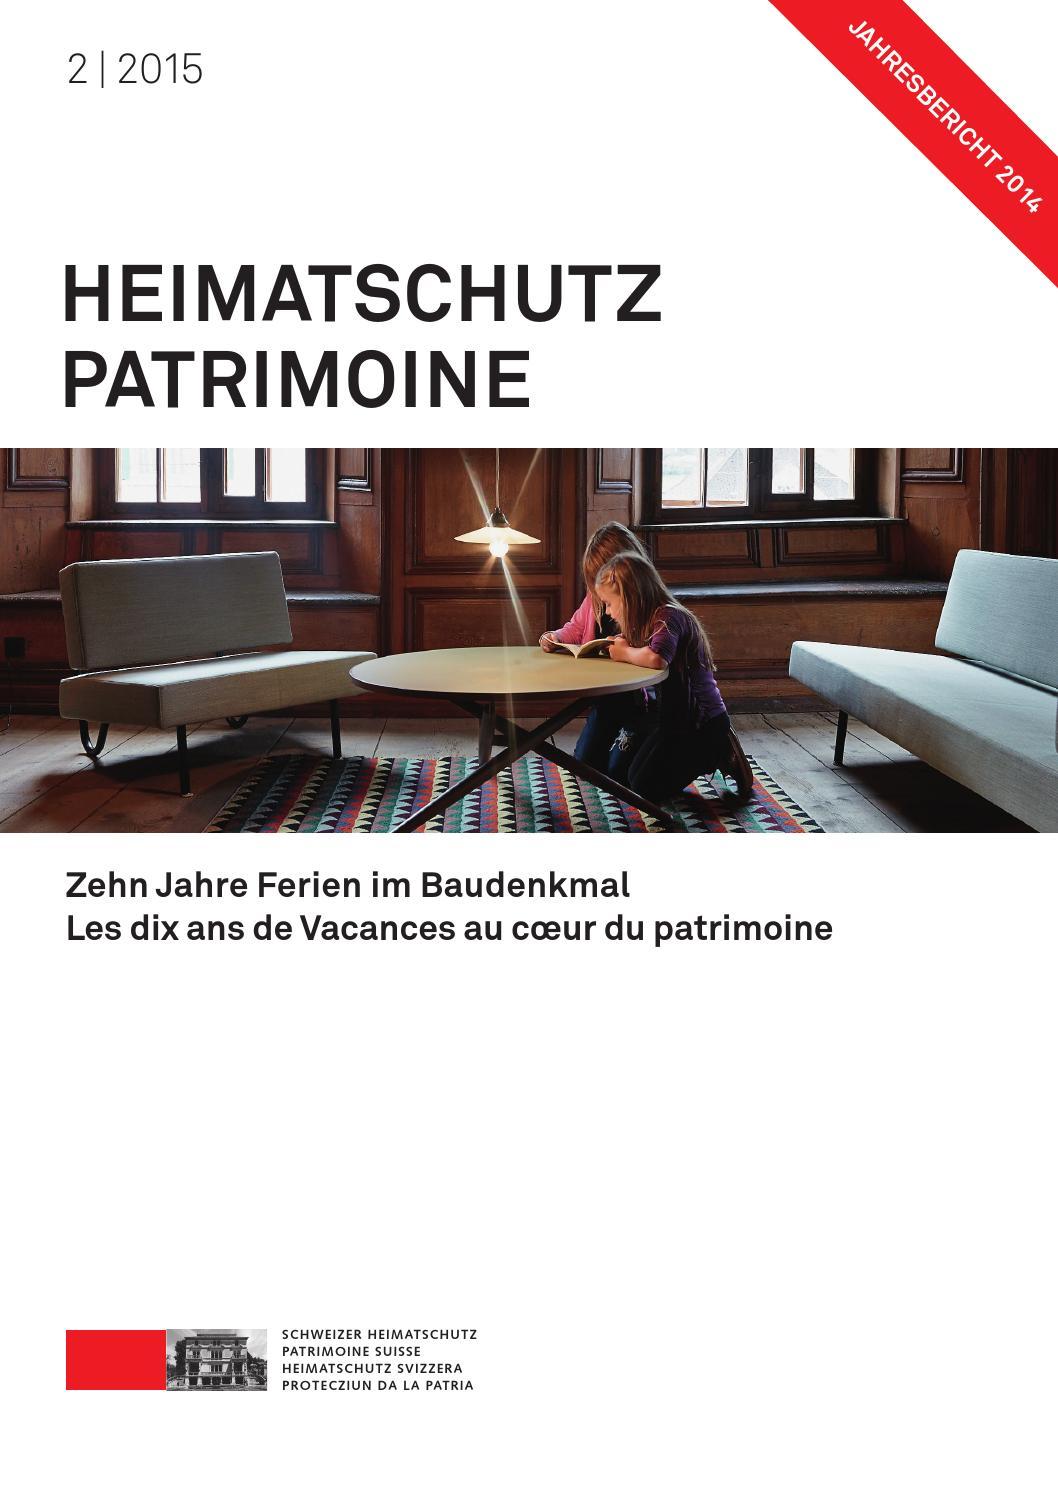 Heimatschutz/Patrimoine 2-2015 by Schweizer Heimatschutz - issuu